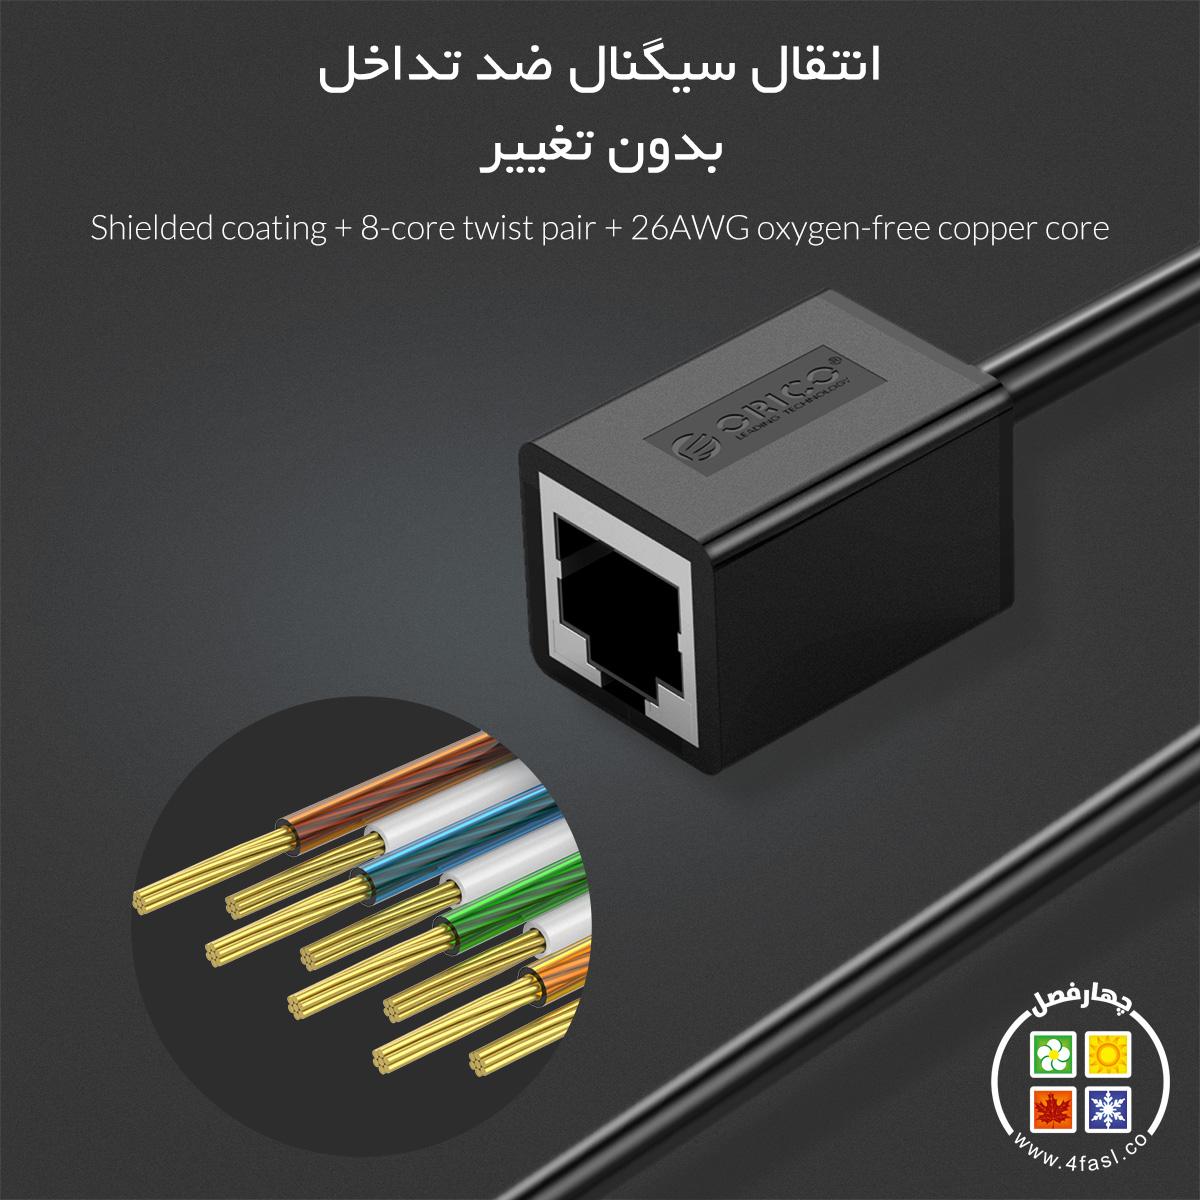 افزایش طول شبکه